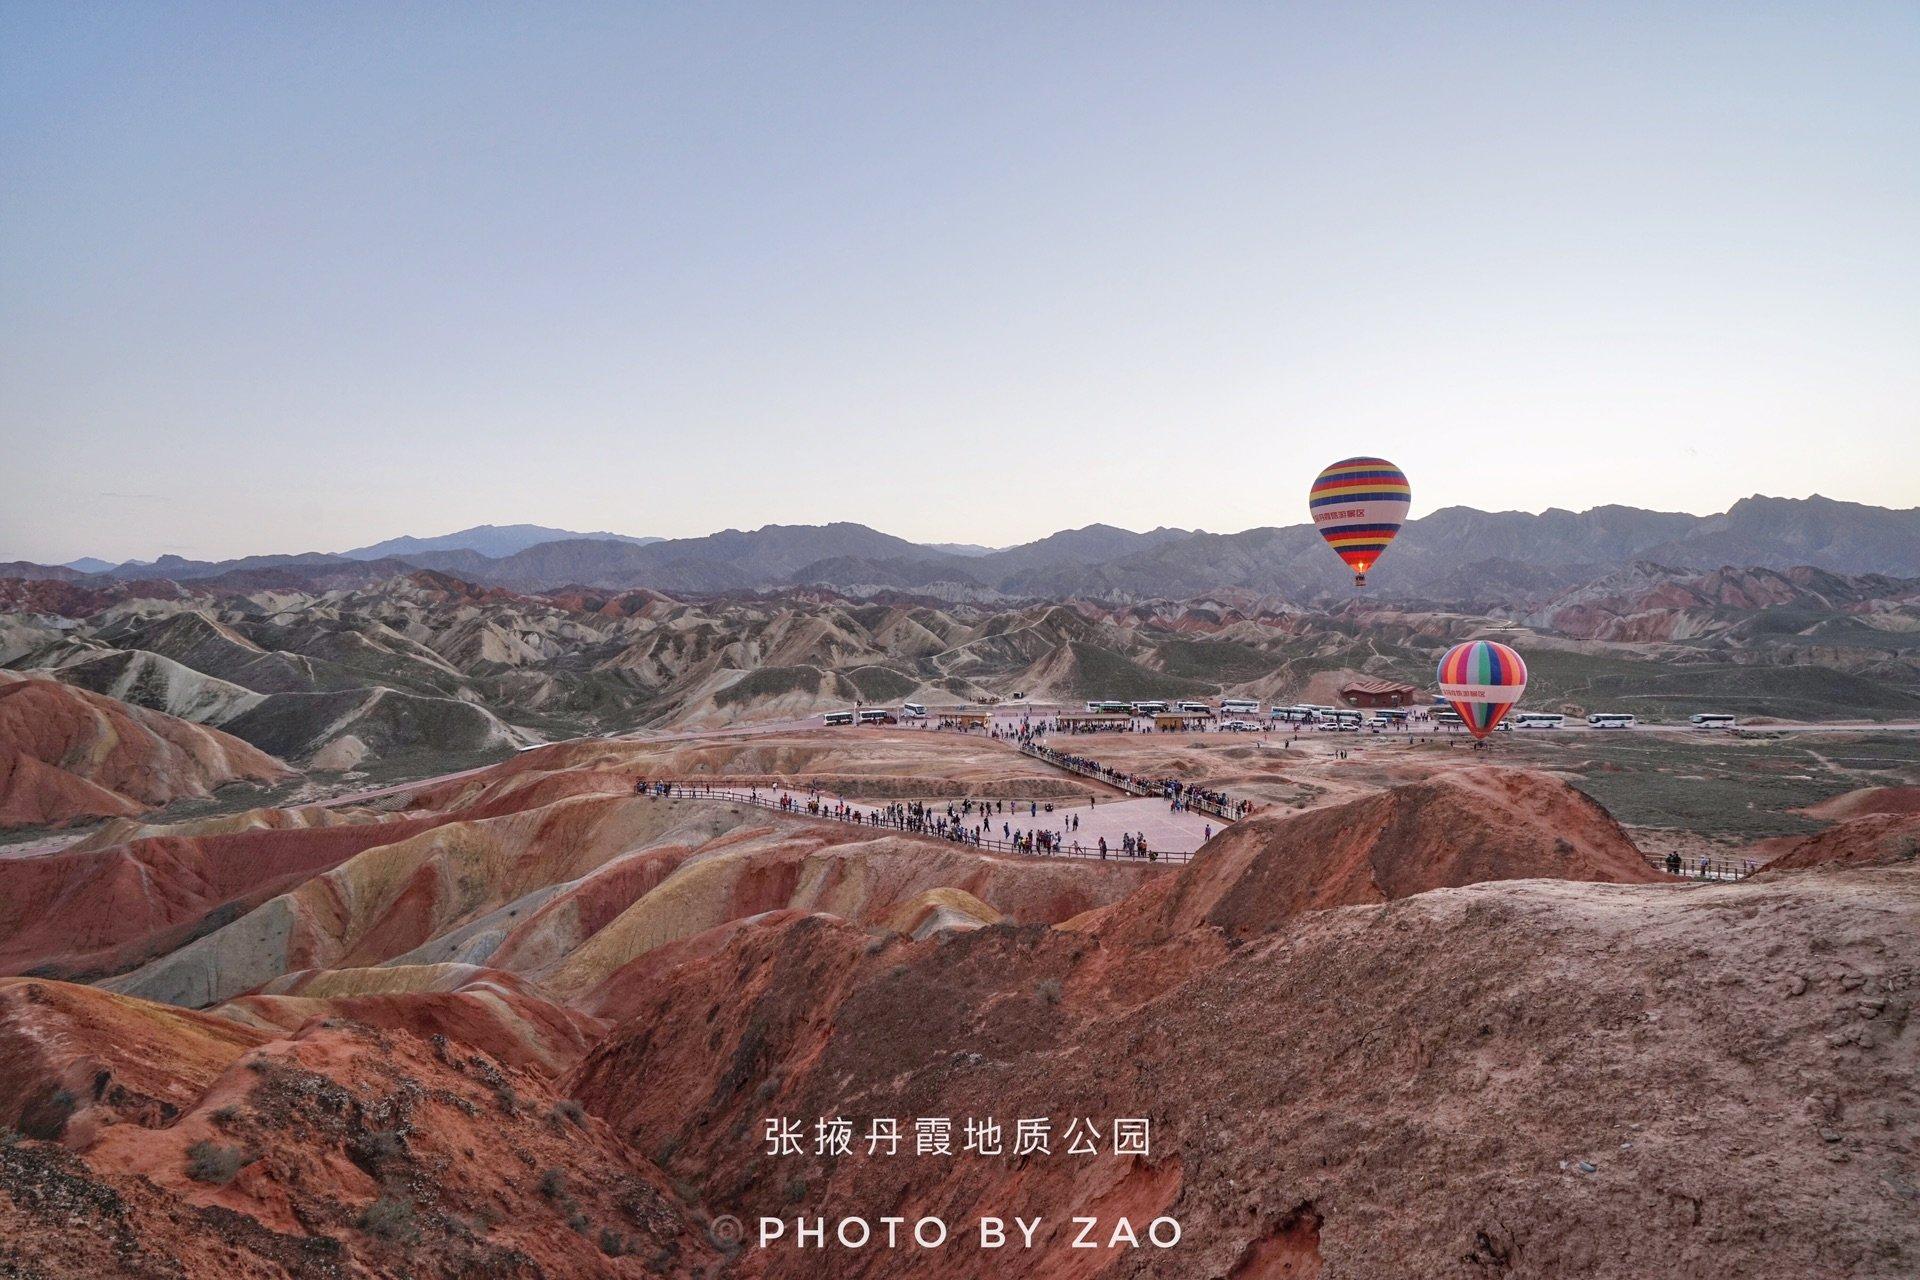 【西北偏北】为遇见千年等待的额济纳胡杨林,行驶3000多公里,穿越巴丹吉林沙漠